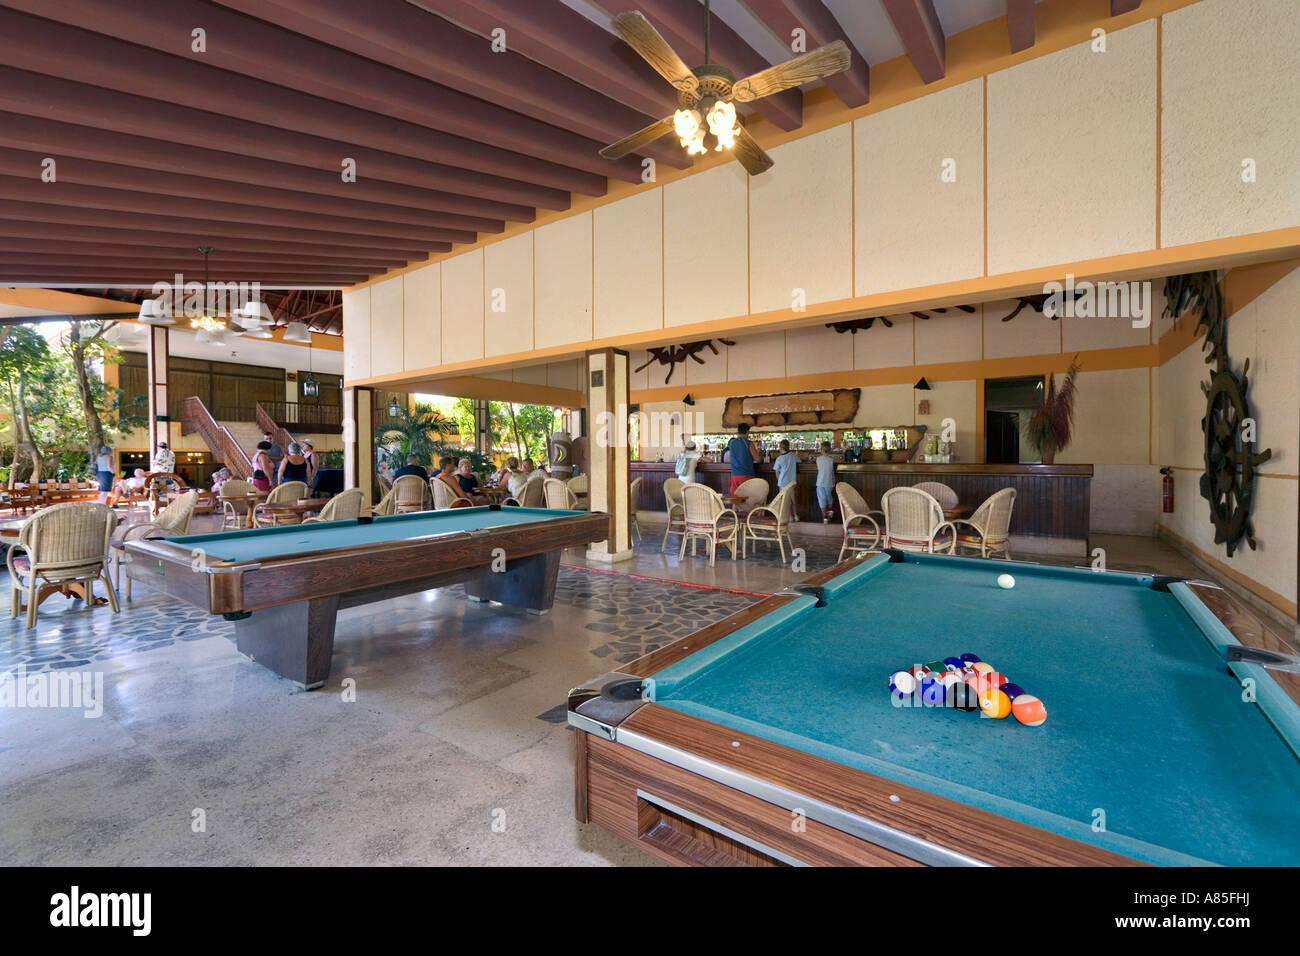 Pool Tables In Piano Bar, Hotel Sol Luna, Sol Rio De Lunes Y Mares,  Guardalavaca, Cuba, Caribbean